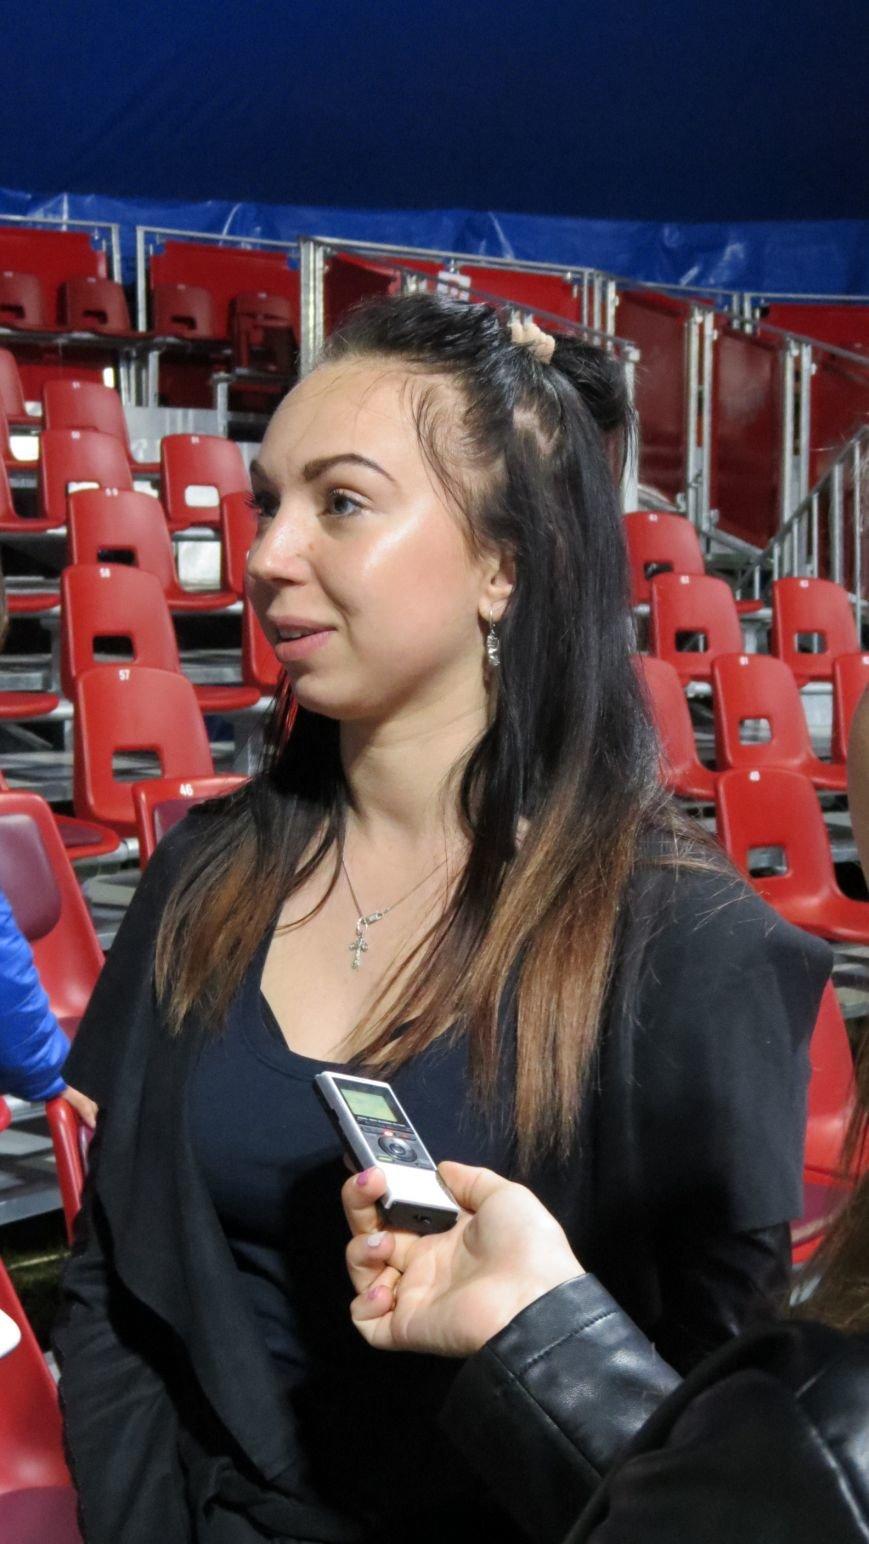 Италия приехала в Покровск: всемирно известный цирк «Кобзов» подарил горожанам 2 часа незабываемых эмоций, фото-14